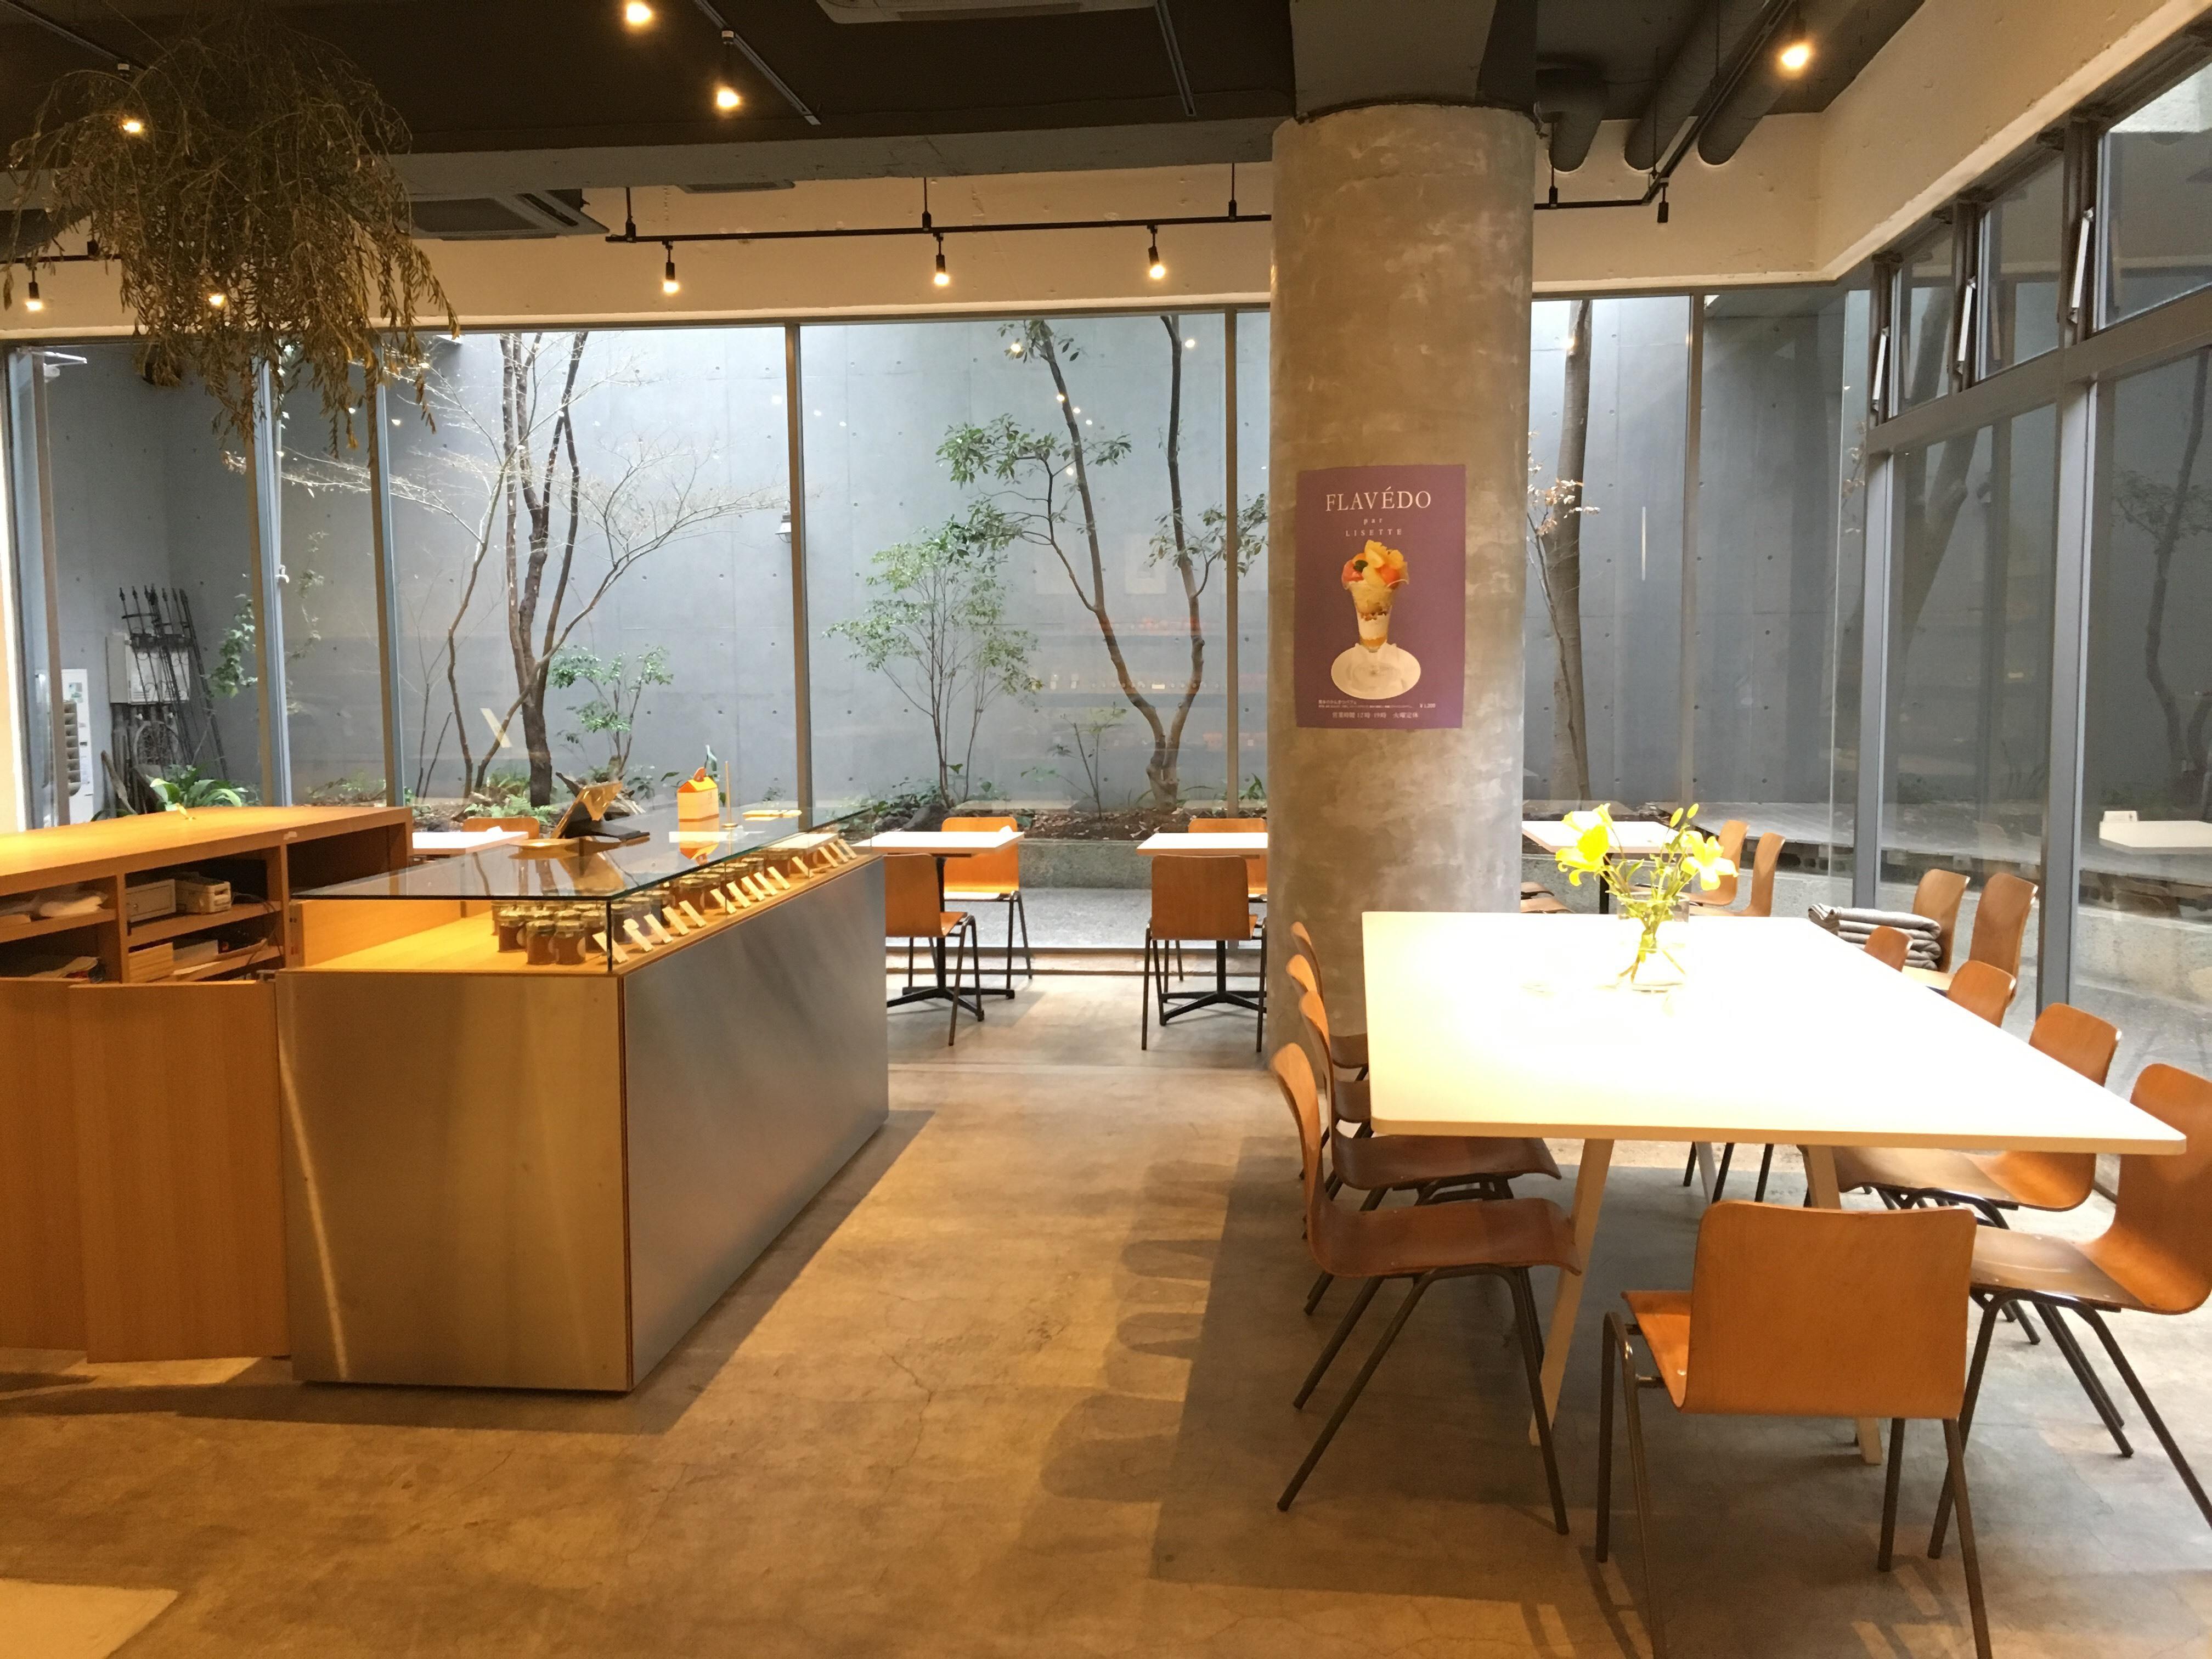 カフェスタッフ、緑に囲まれた開放的な空間で働く